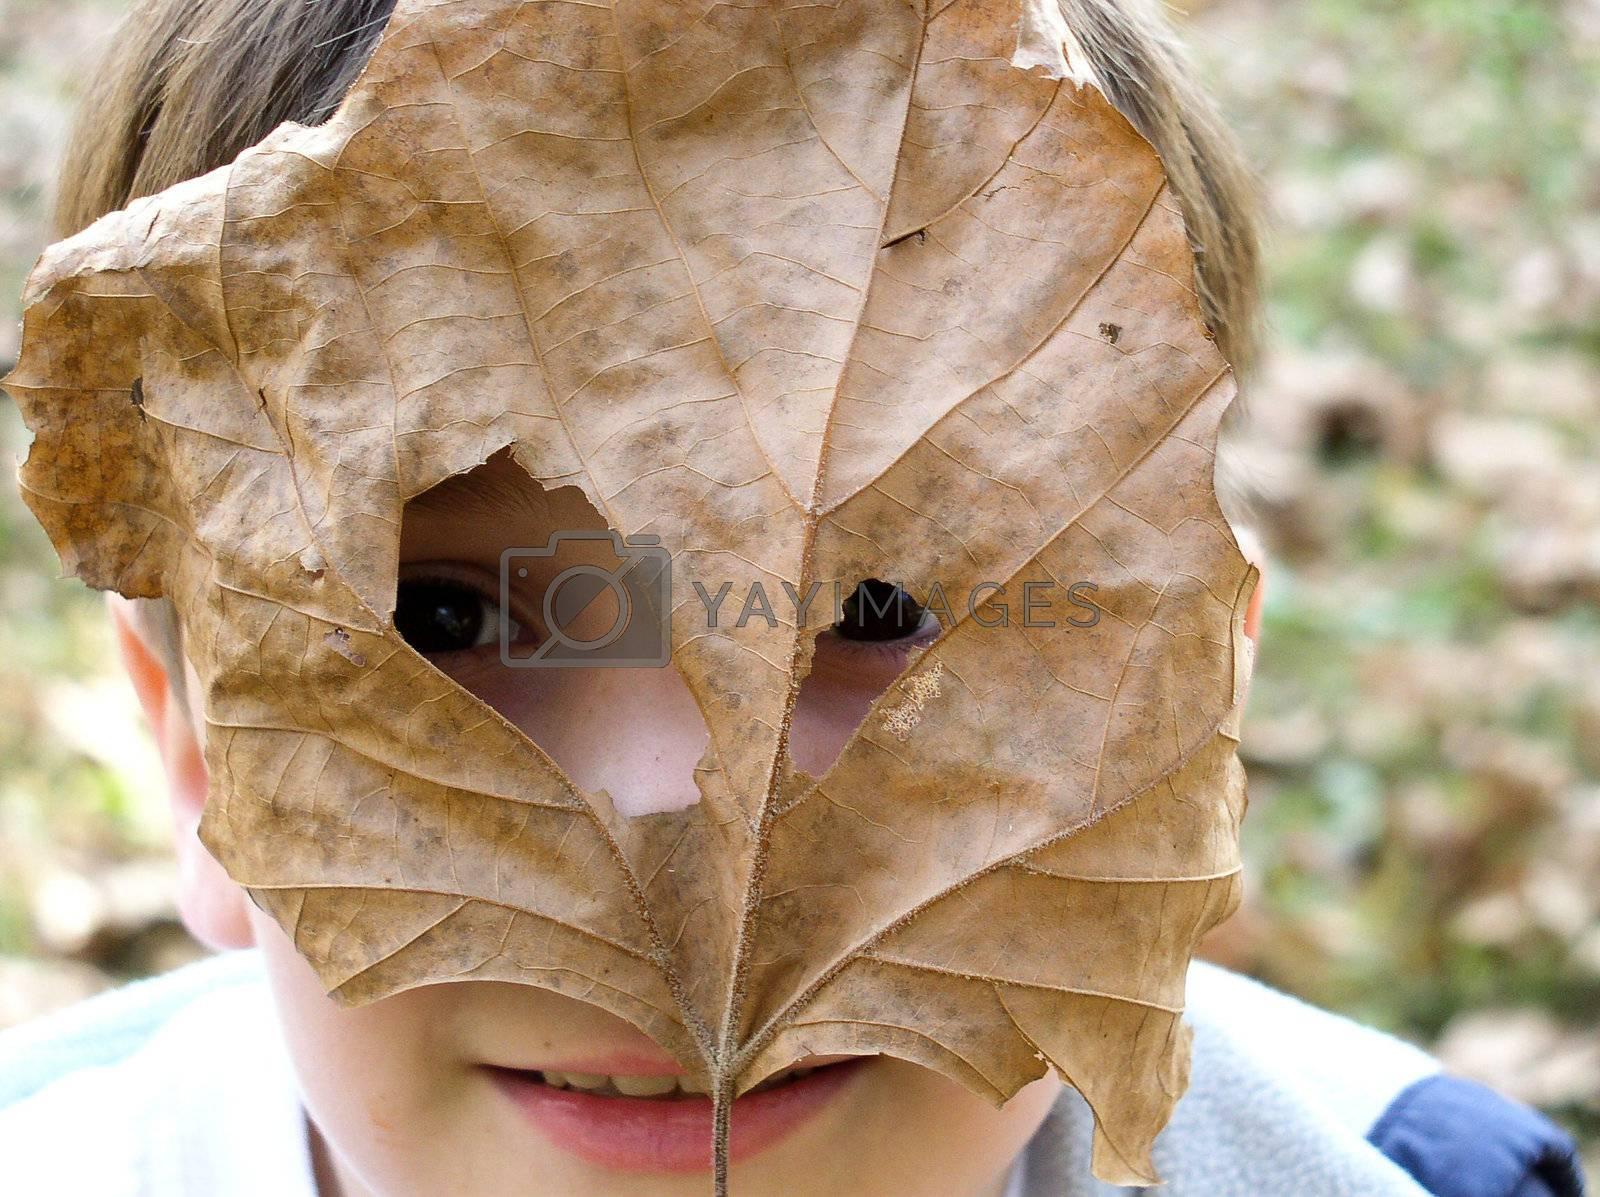 Boy's Leaf Mask